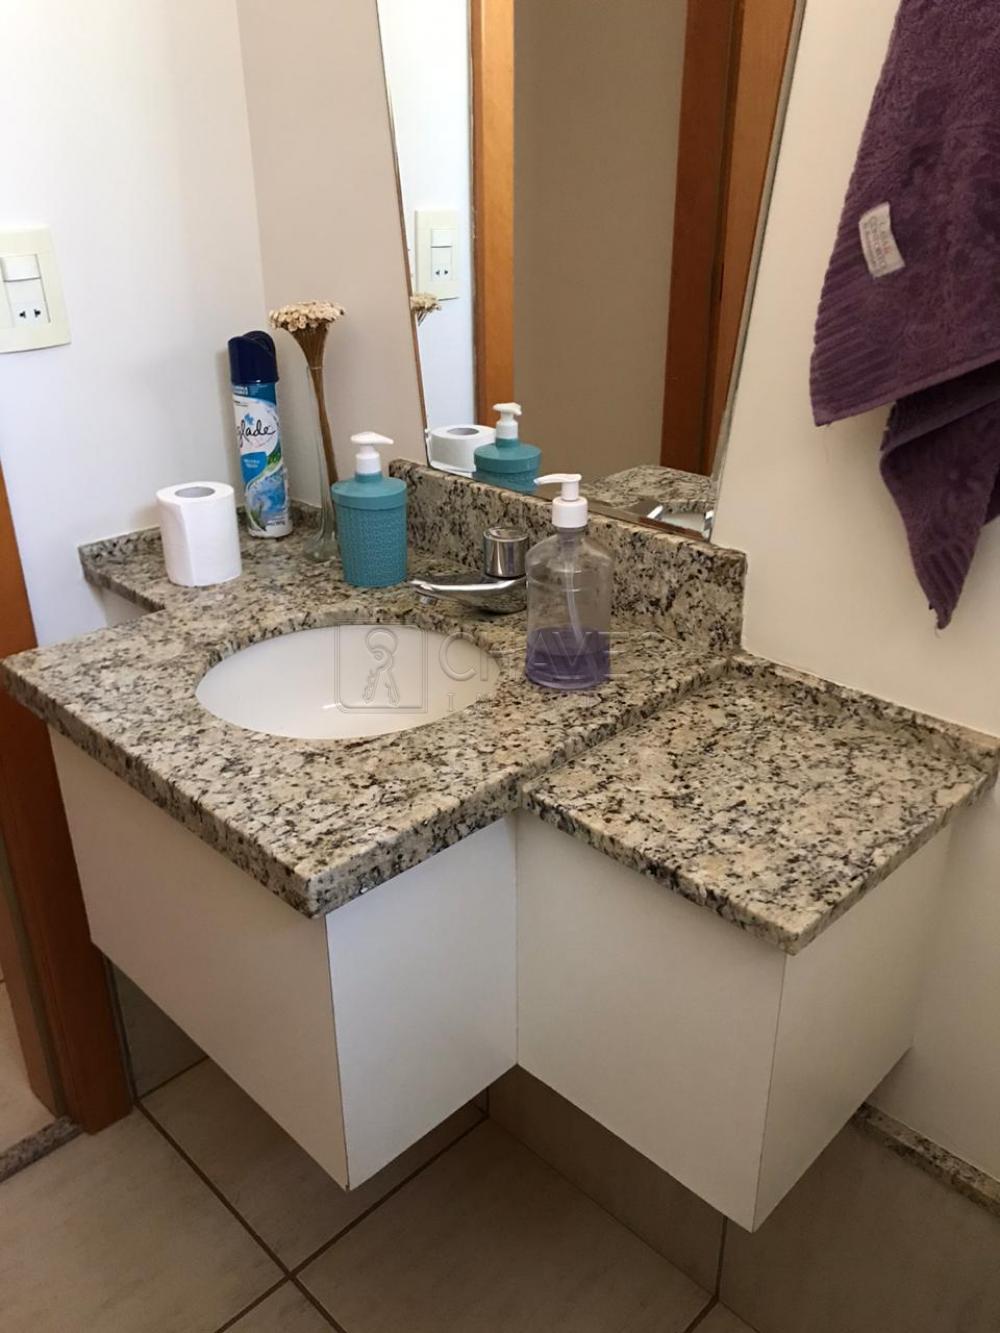 Comprar Apartamento / Padrão em Ribeirão Preto apenas R$ 650.000,00 - Foto 11